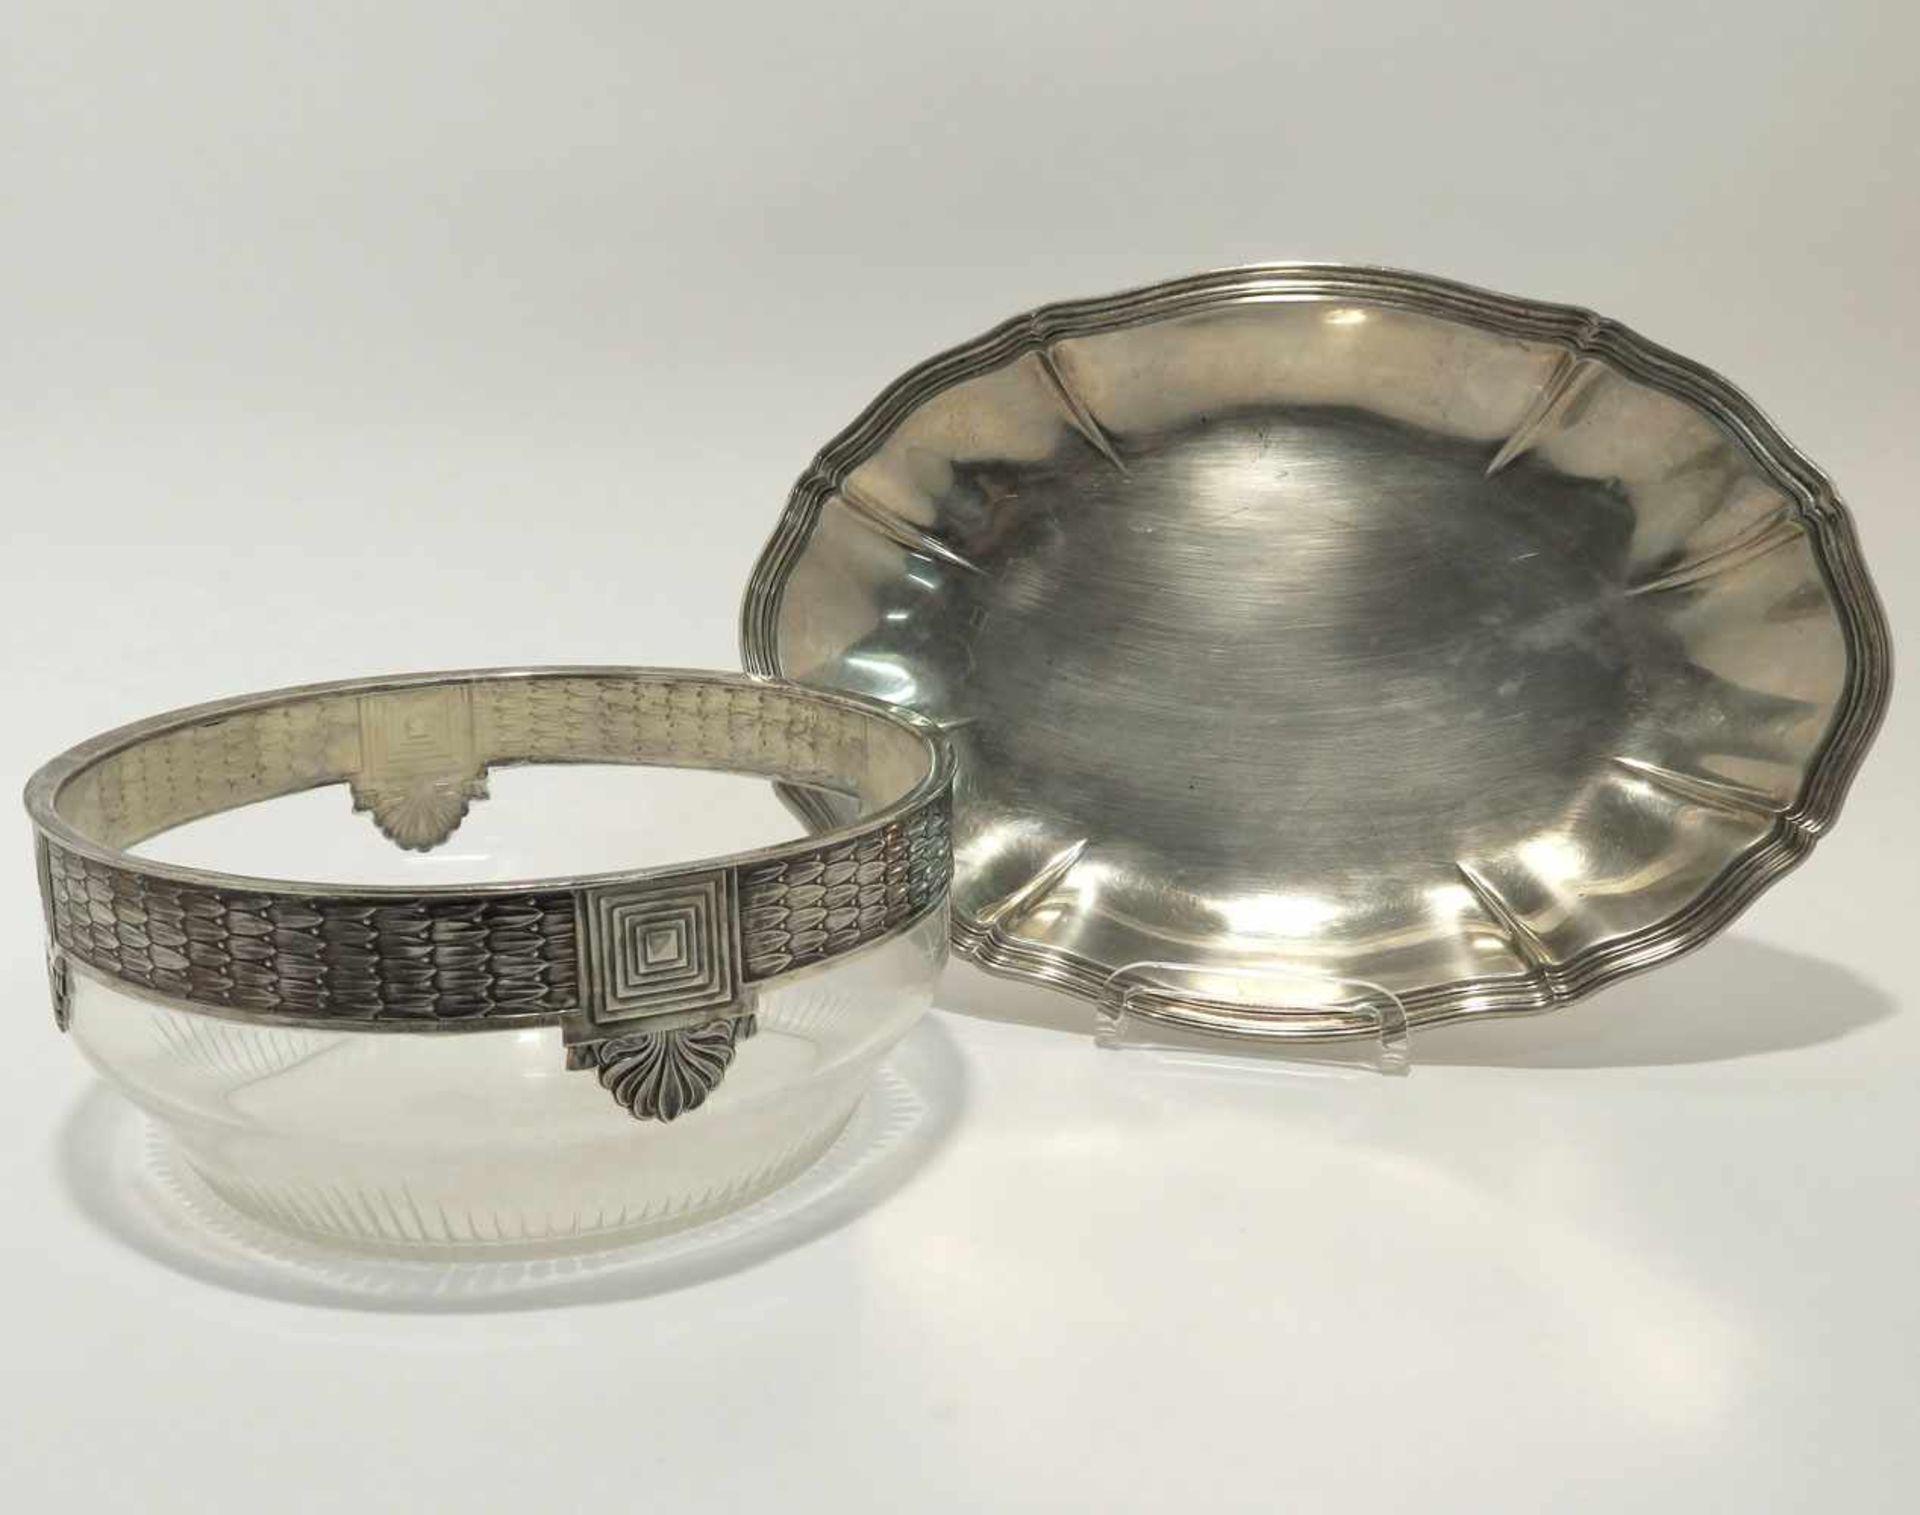 Los 29 - Schale / Glasschale Deutsch (u.a. Heilbronn, Bruckmann & Söhne). Ovale Silberschale mit profiliertem